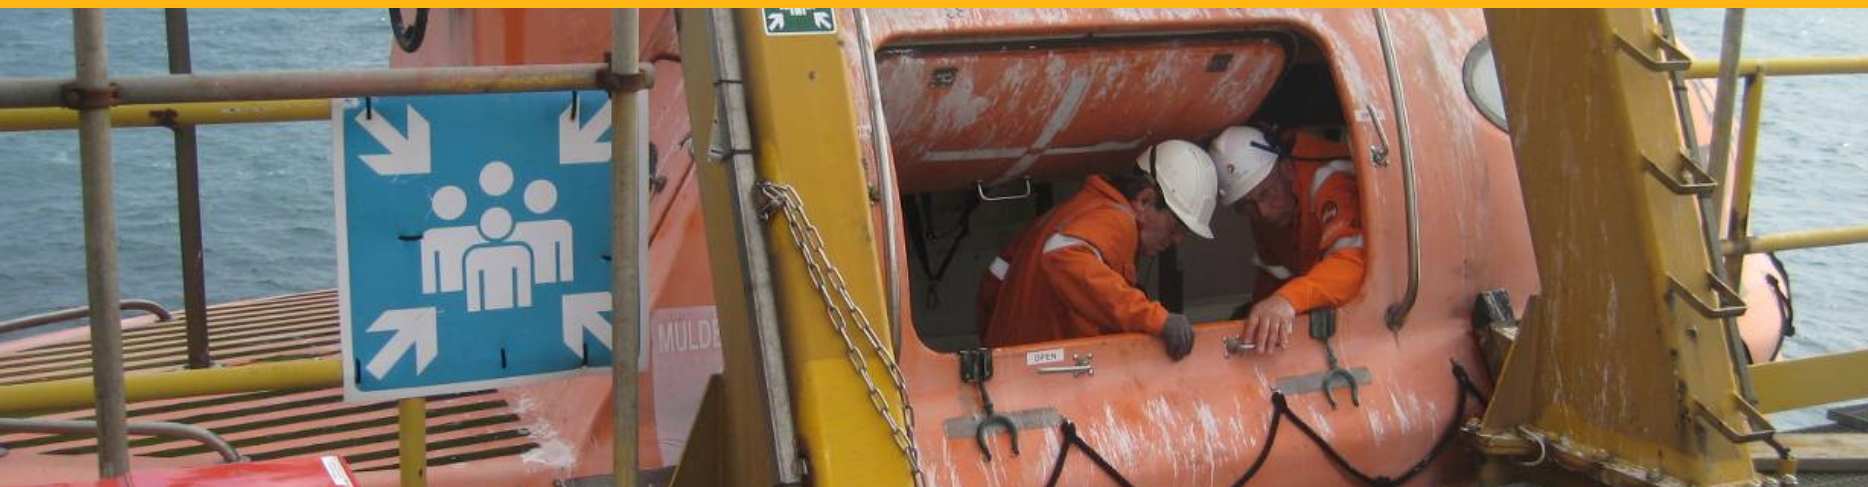 Wijziging offshore arbeidstijden in verband met corona-virus